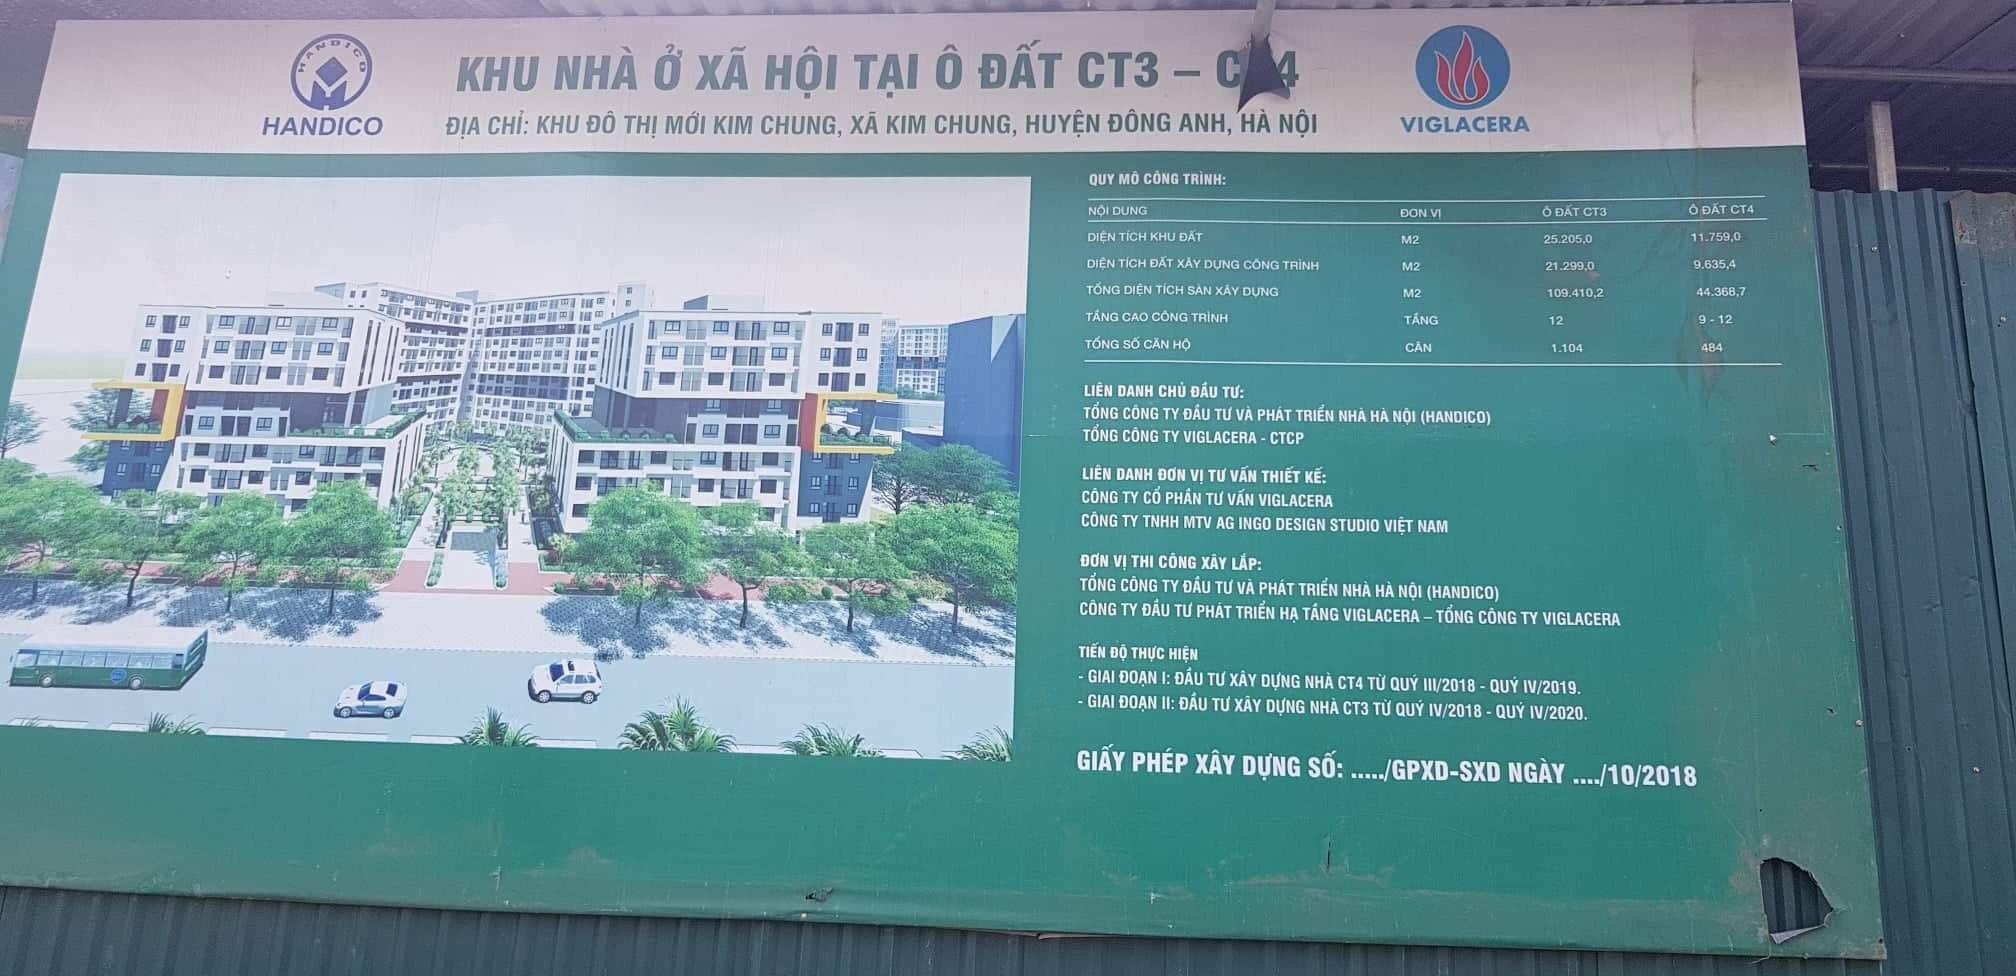 Dự án xây dựng nhà ở xã hội tại khu đô thị mới Kim Chung: Cần sự đồng thuận nhằm đảm bảo tiến độ